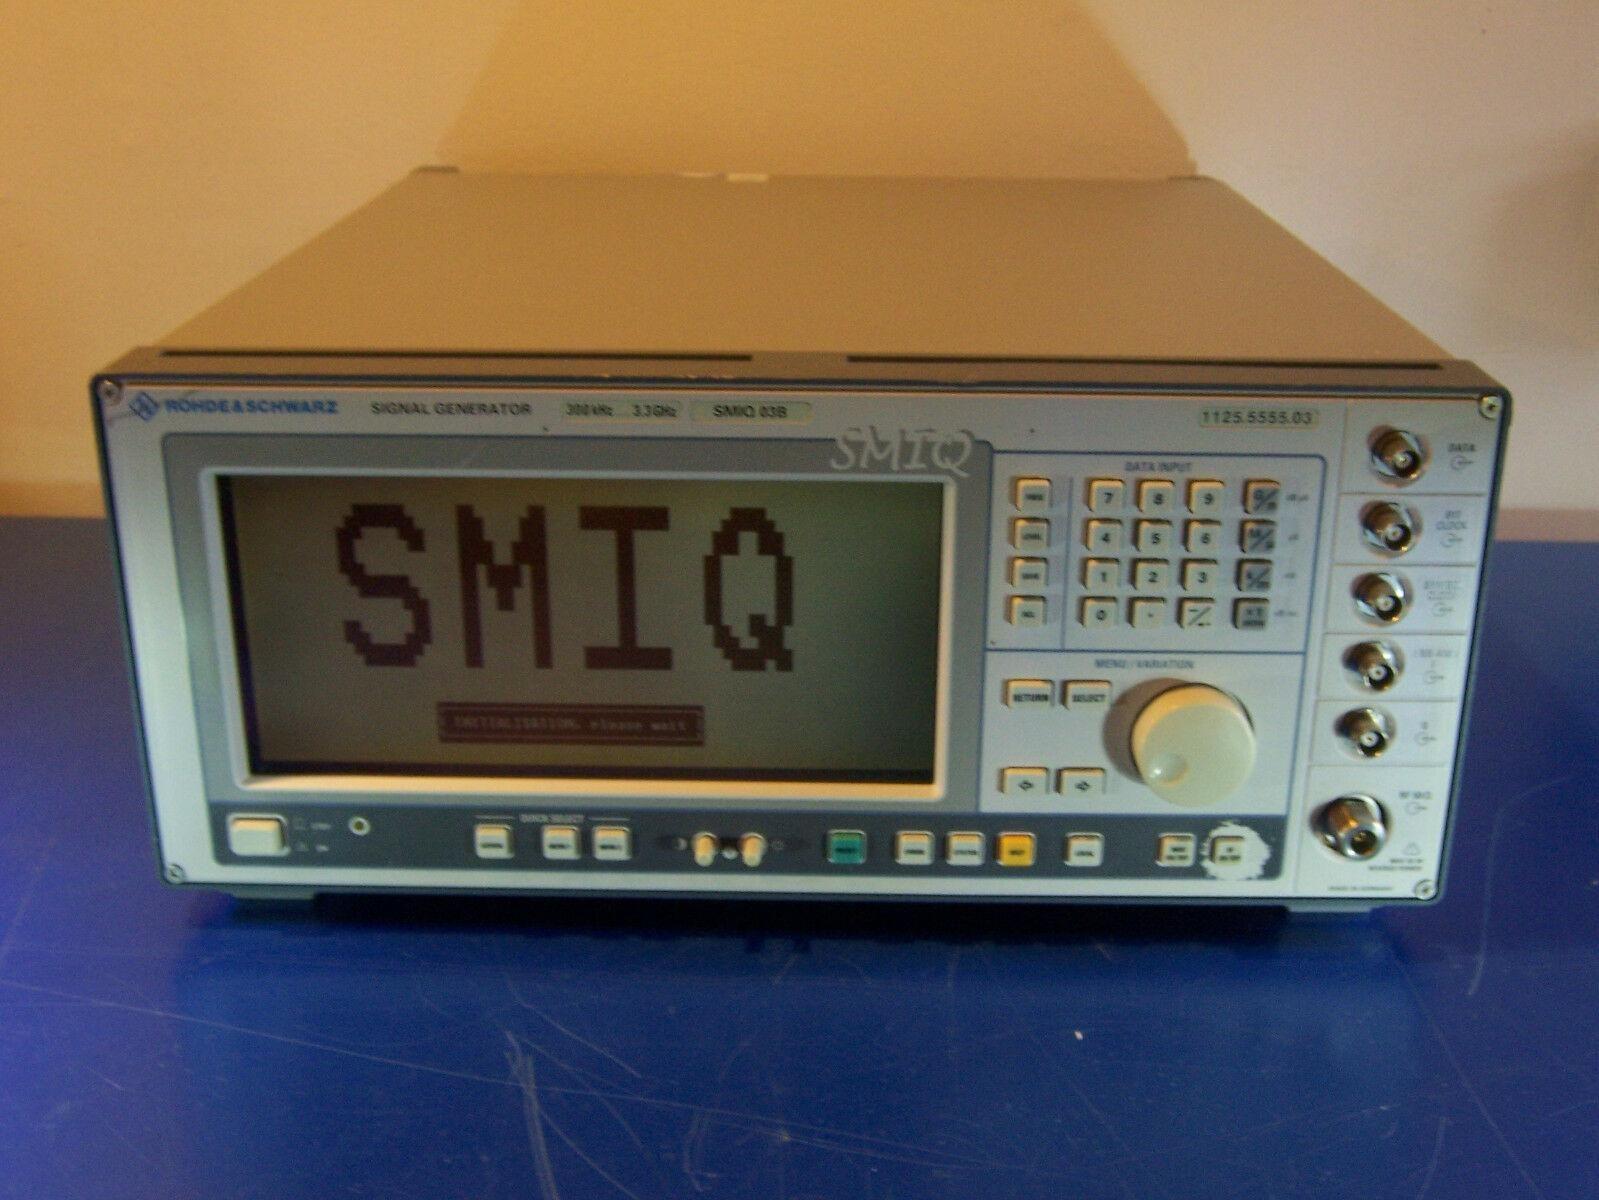 10533 ROHDE & SCHWARZ R&S SMIQ 03B SIGNAL GENERATOR 300KHZ - 3.3GHZ